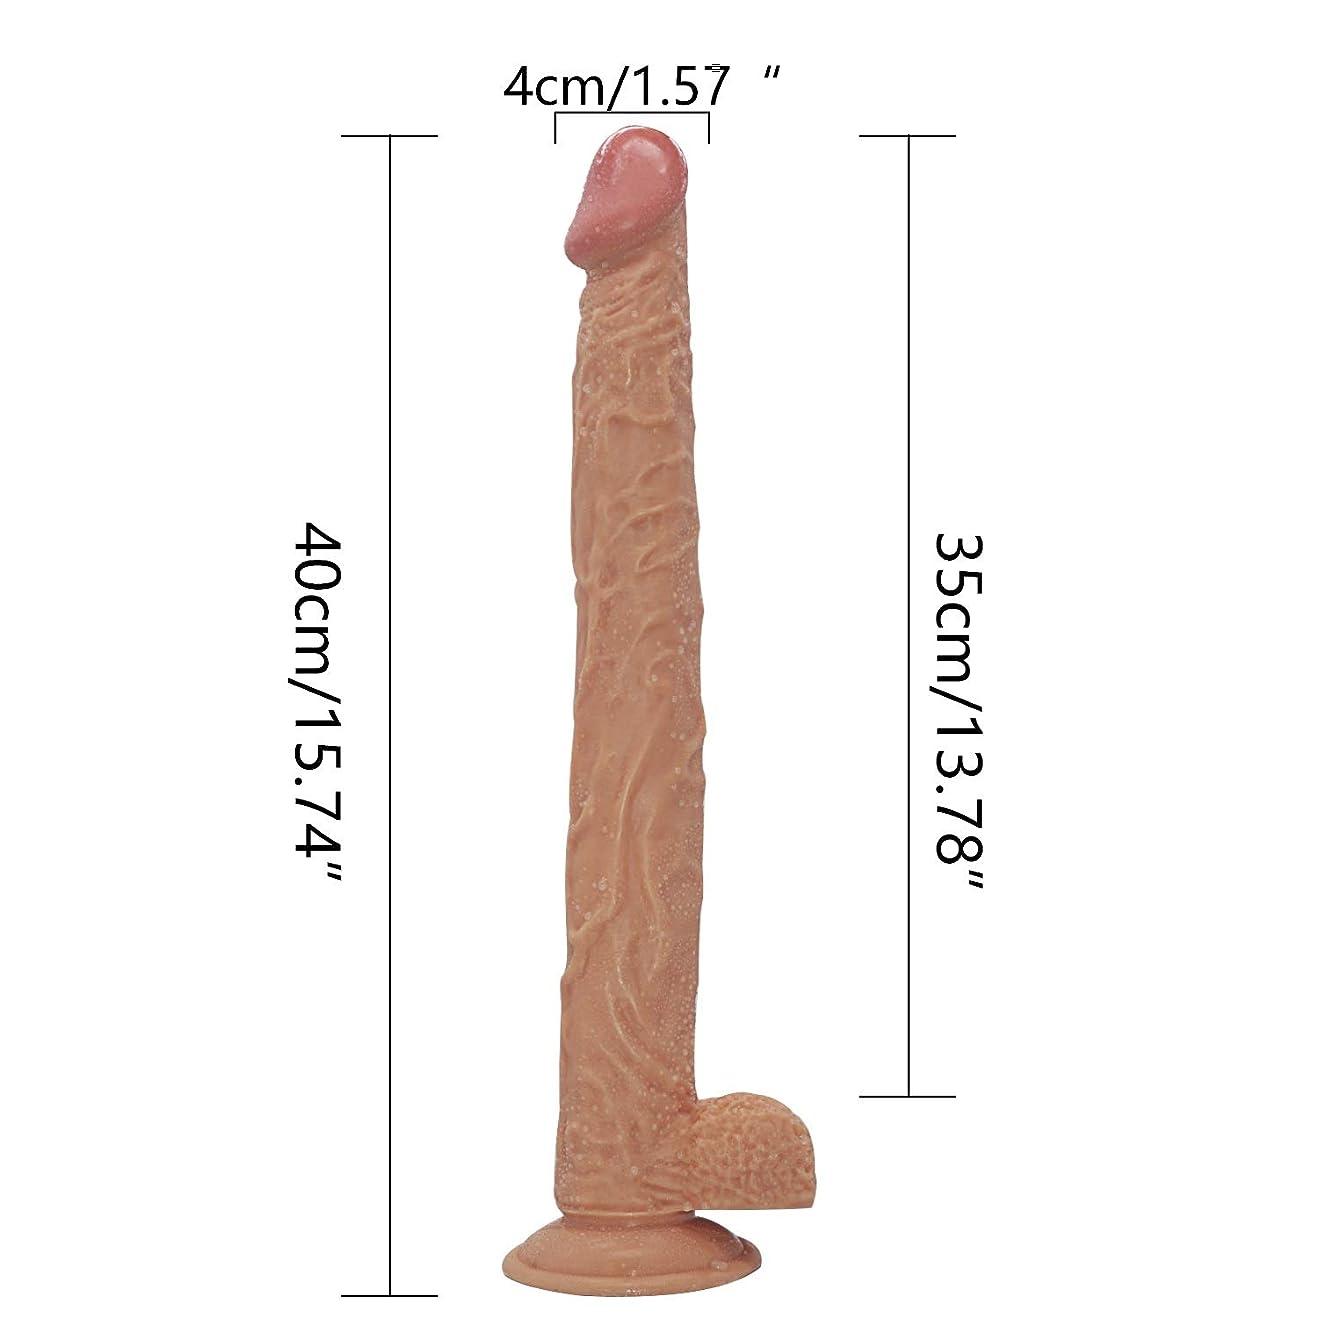 卵スライム個人的なHZDSBH 15.74インチ女性のための現実的でリアルな巨大なツール吸引カップ付きのツール女性のための巨大なツール